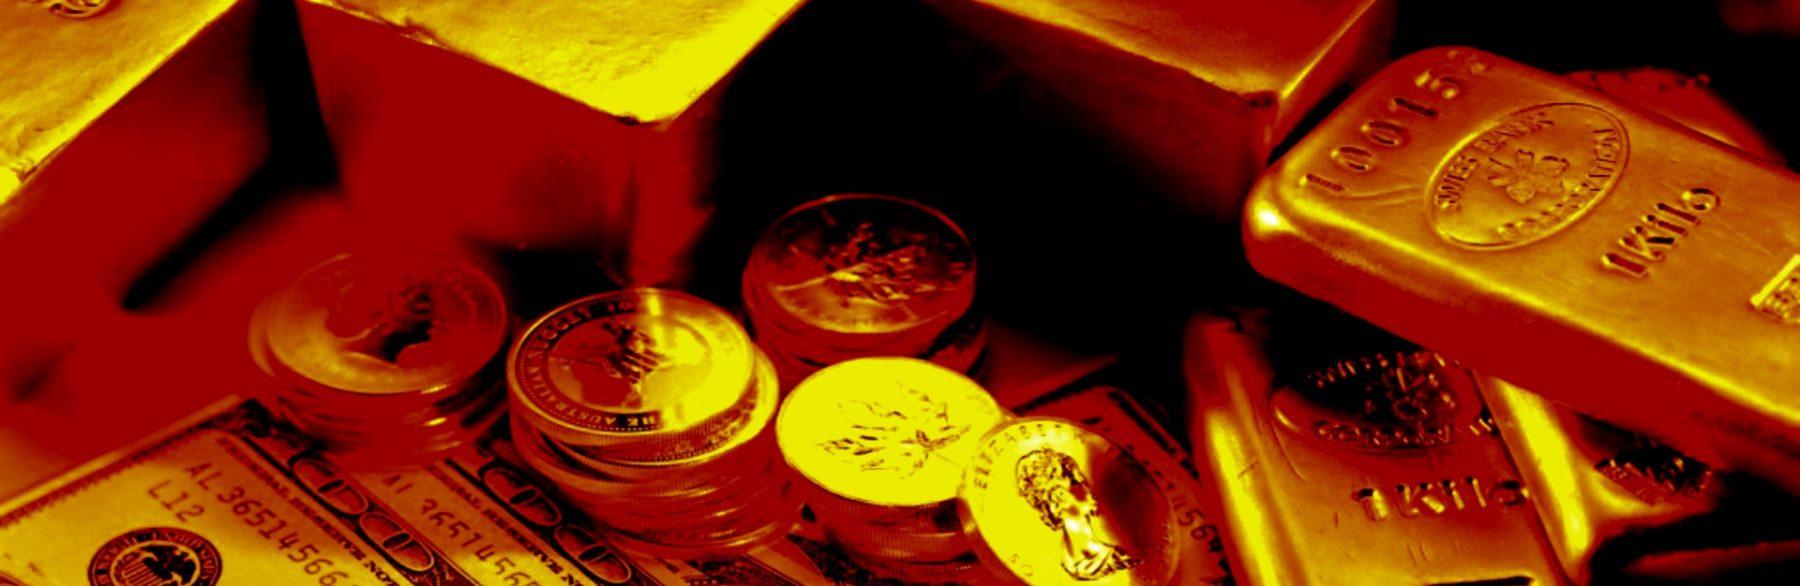 Cash Advance 7 Online